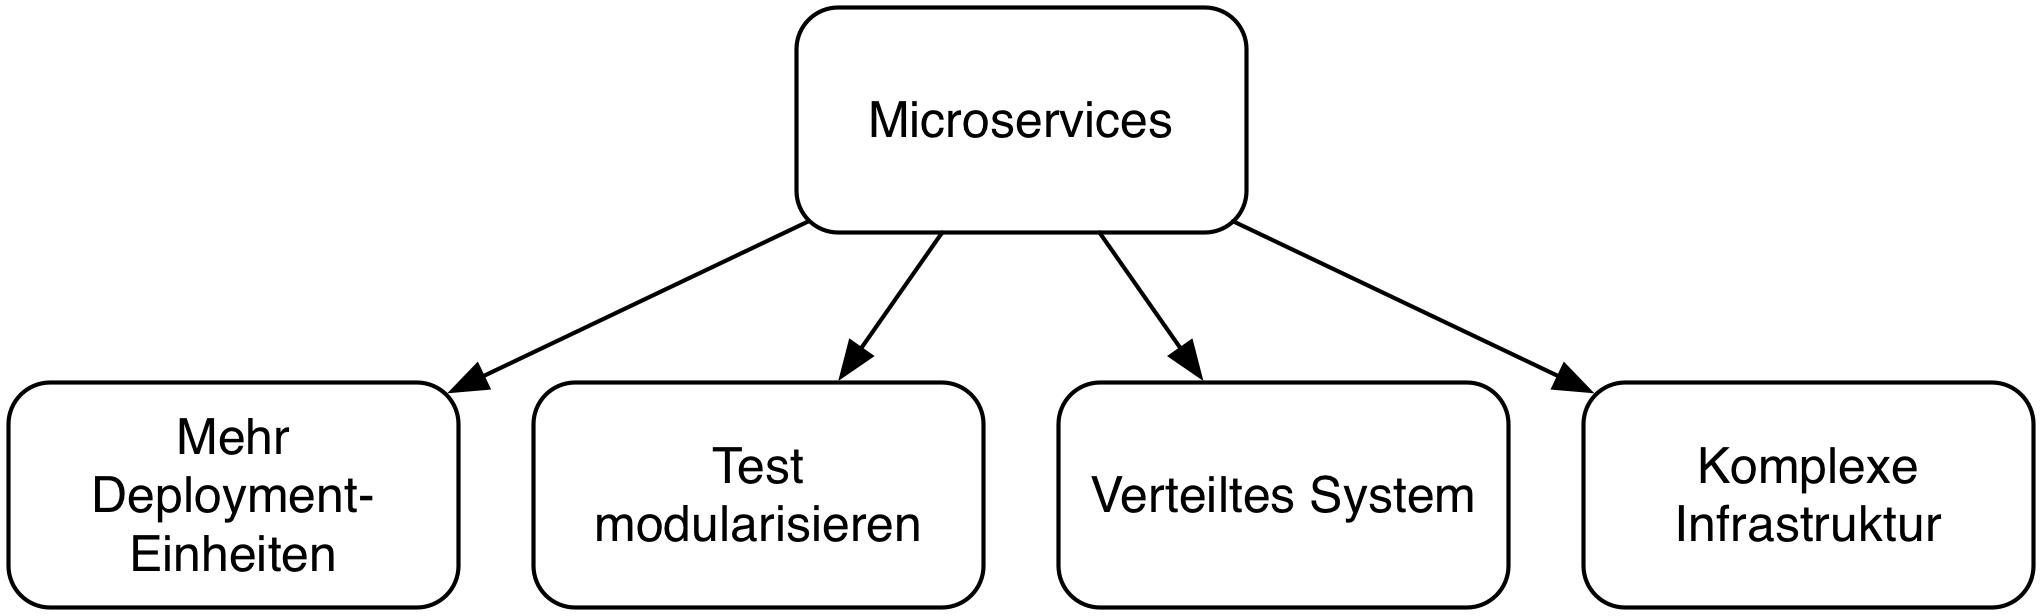 Abb. 5: Nachteile von Microservice-Architekturen